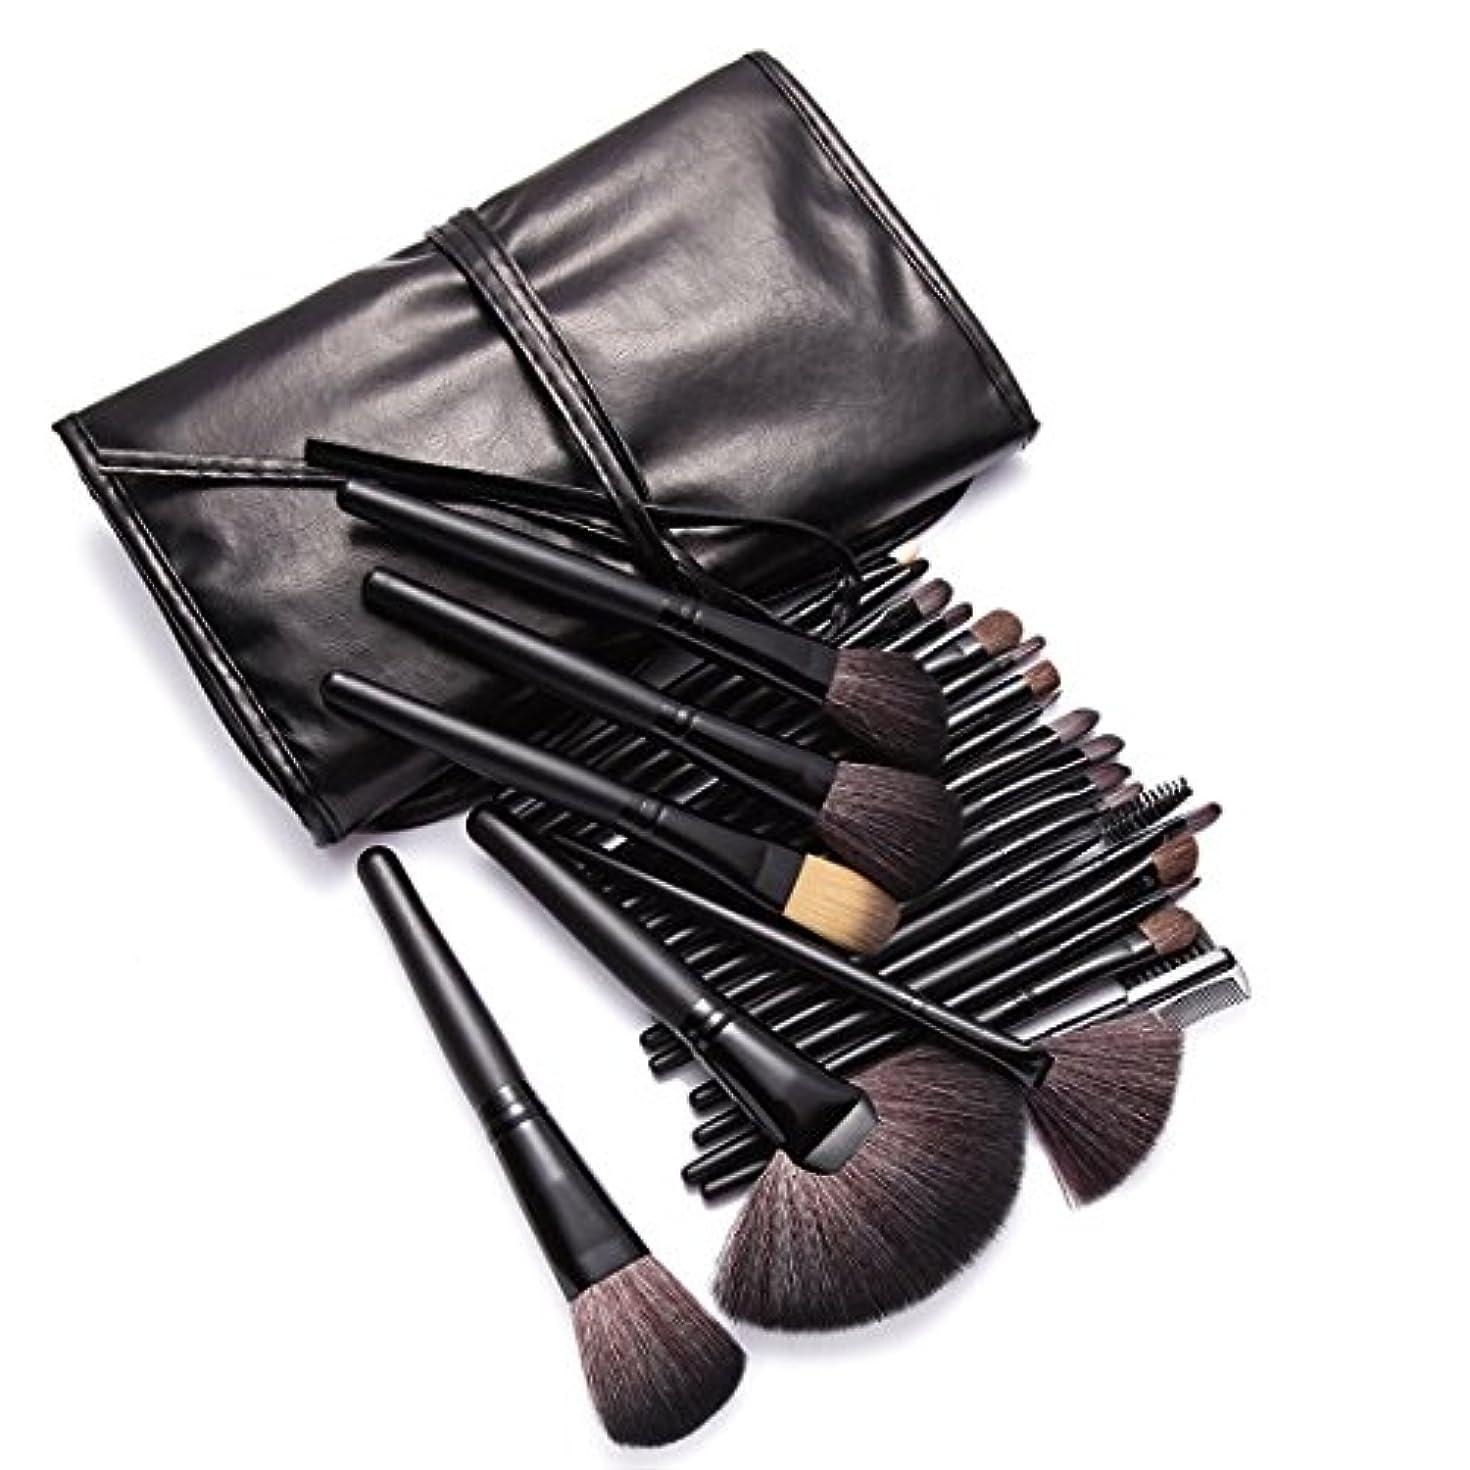 桁活性化する安心KanCai プロのメイクアップブラシ 24本 高級 化粧筆 セット フェイス チーク アイシャドウ リップ ライナー ブロウ メイクブラシ (ブラック)